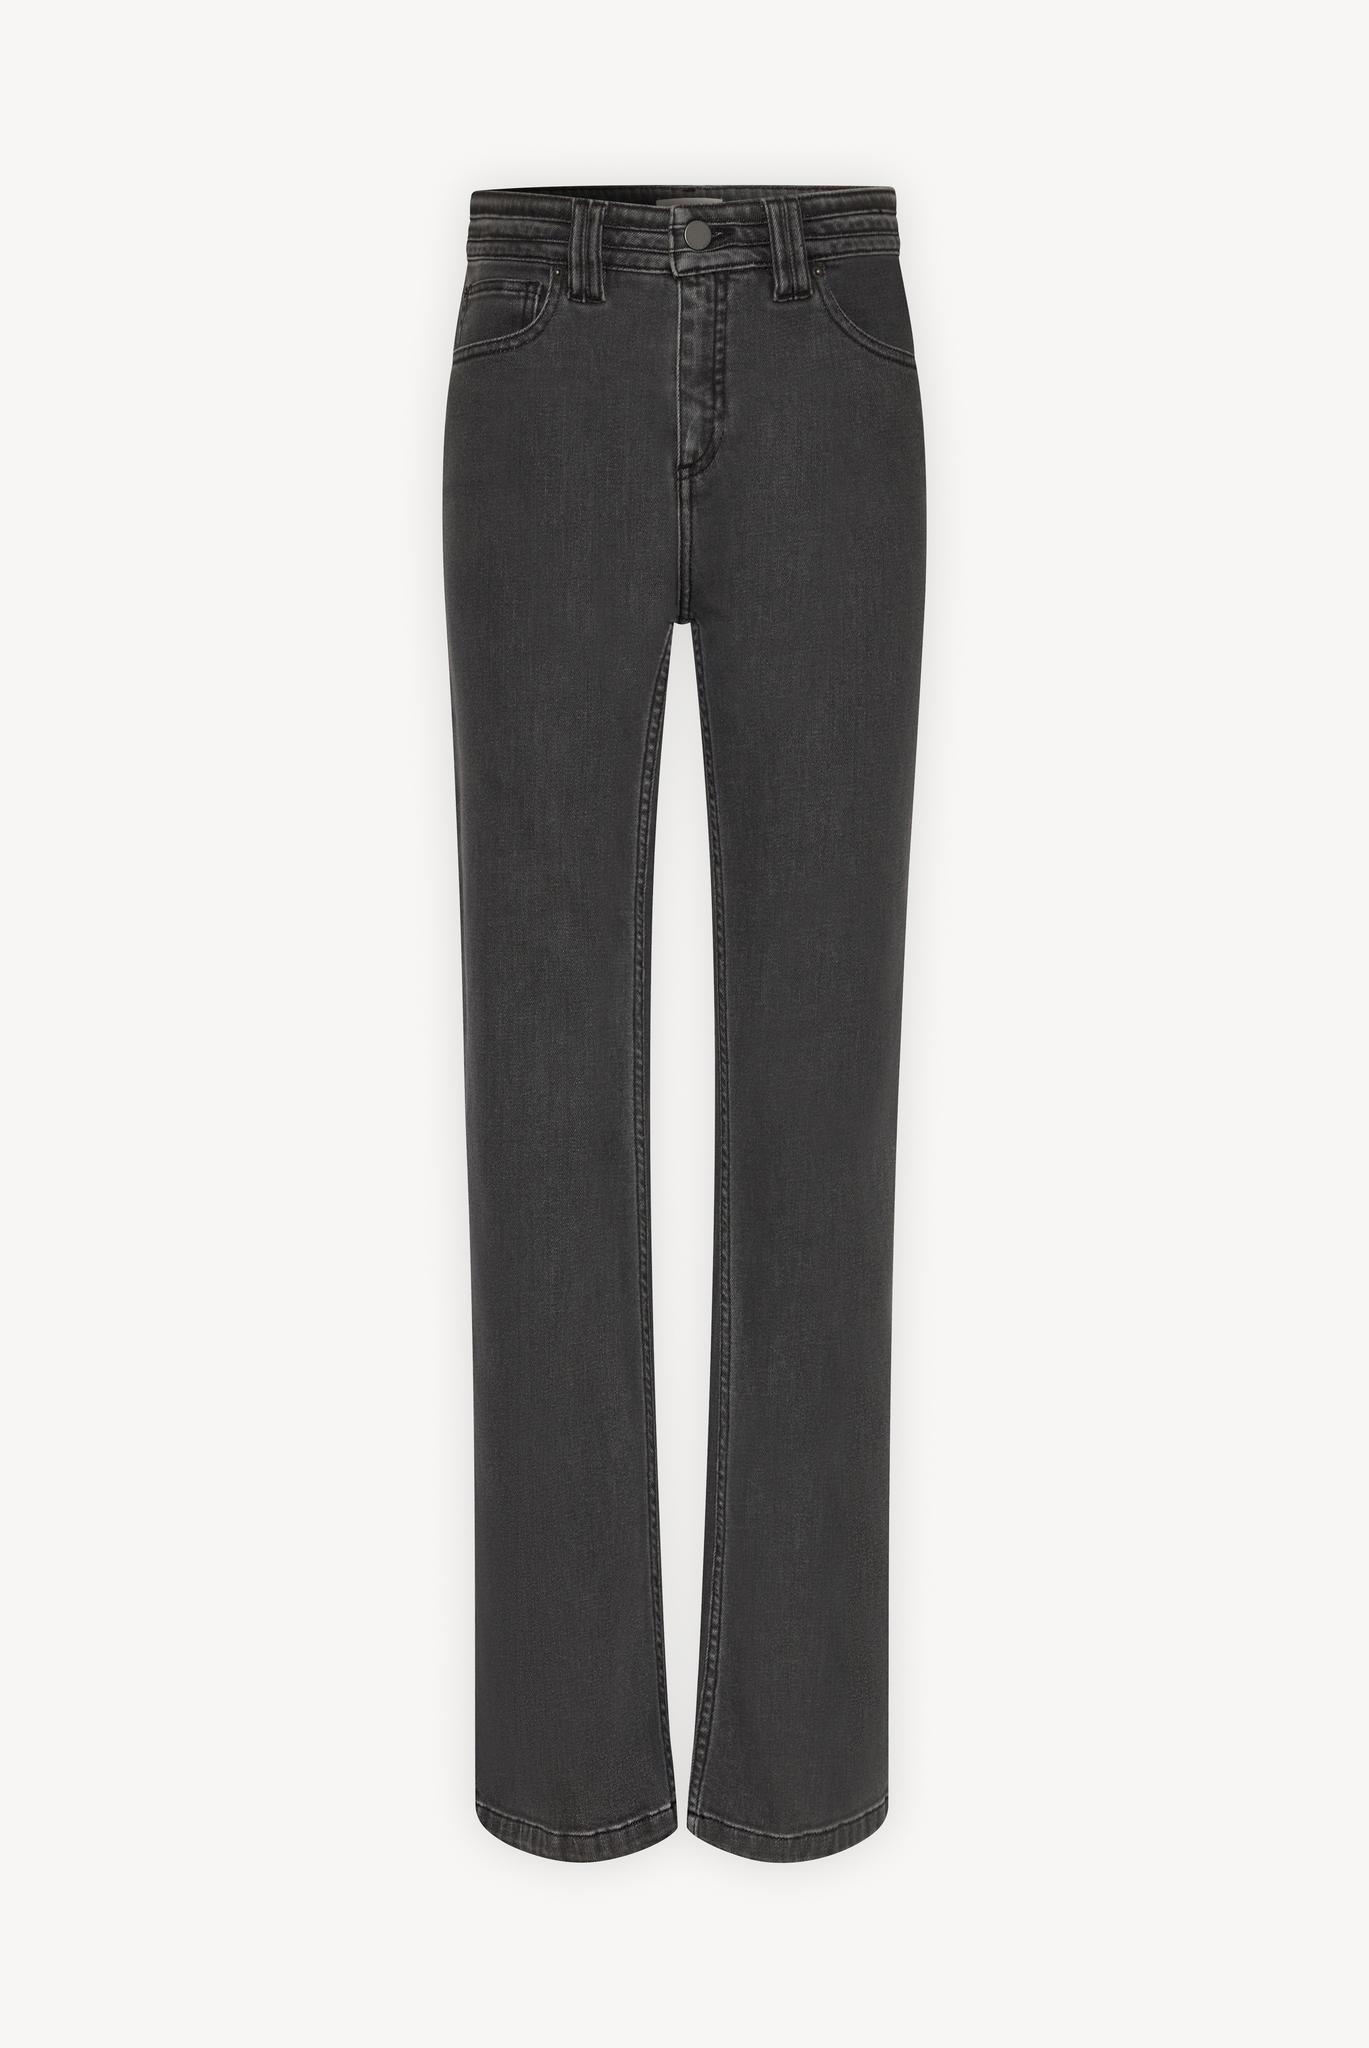 ELIASS - Расклешенные джинсы из эластичного хлопкового денима